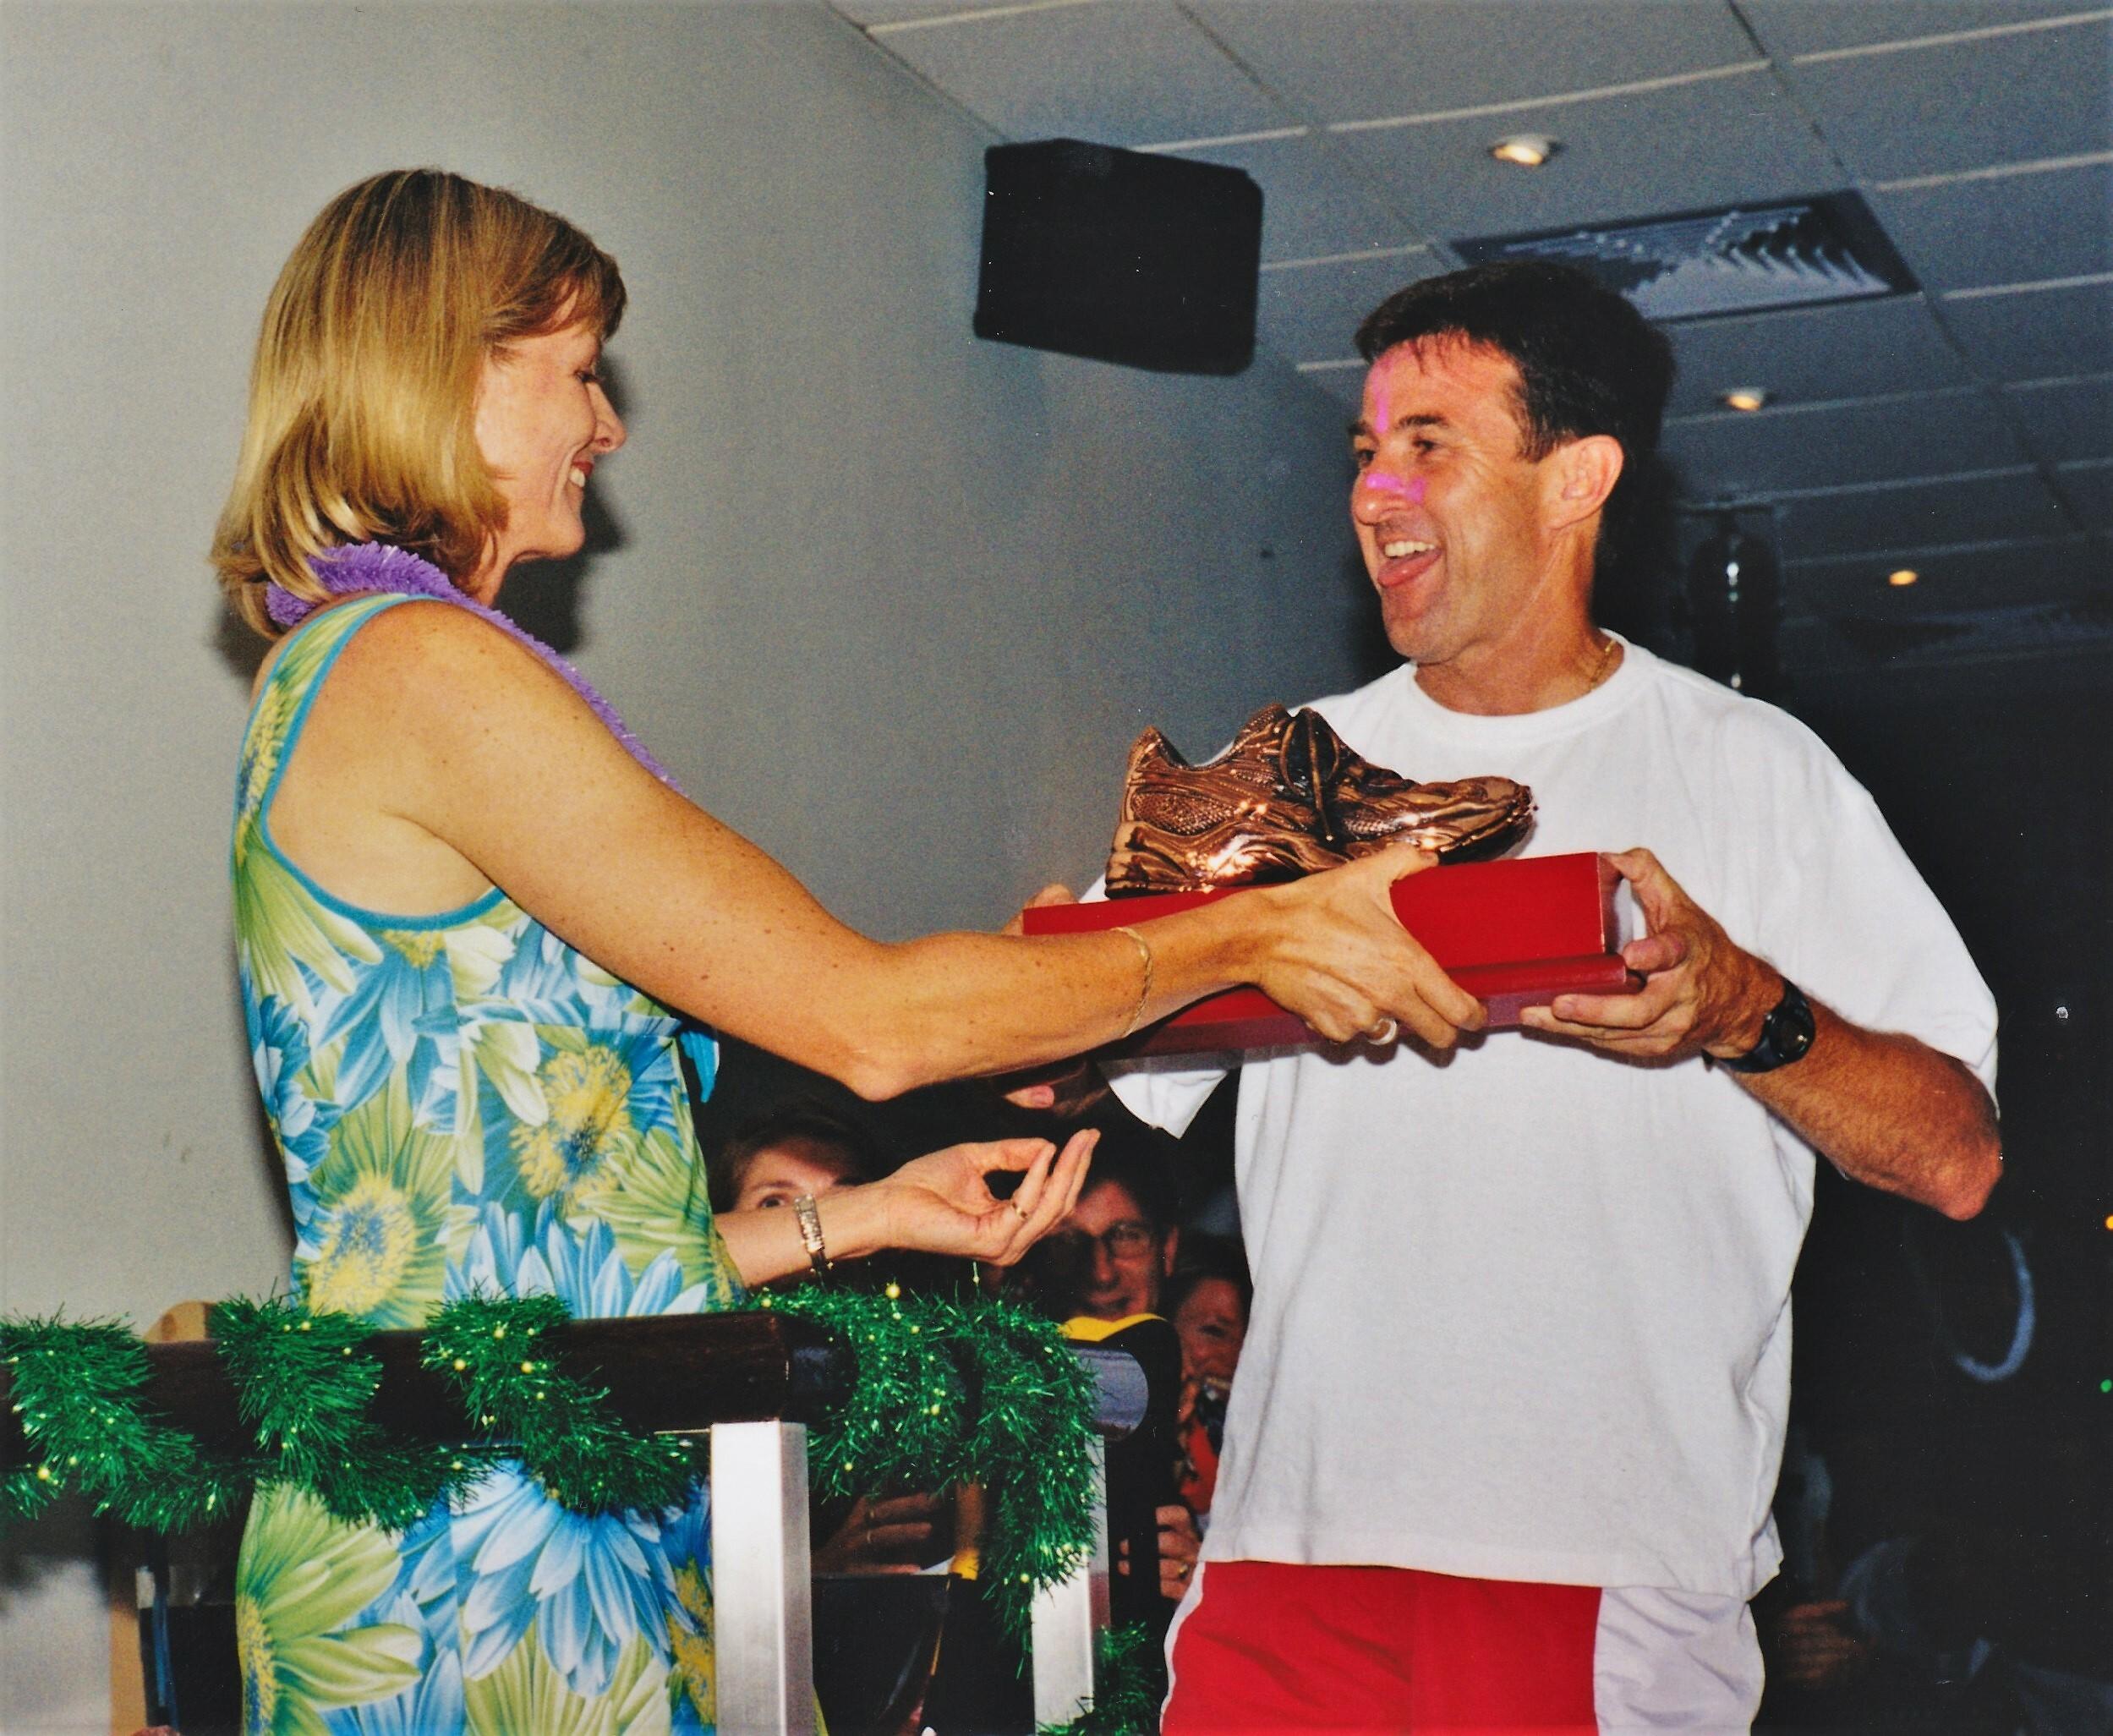 Steve Bruggeman receiving 1st Runners Choice Award NRG 18 December 2002.